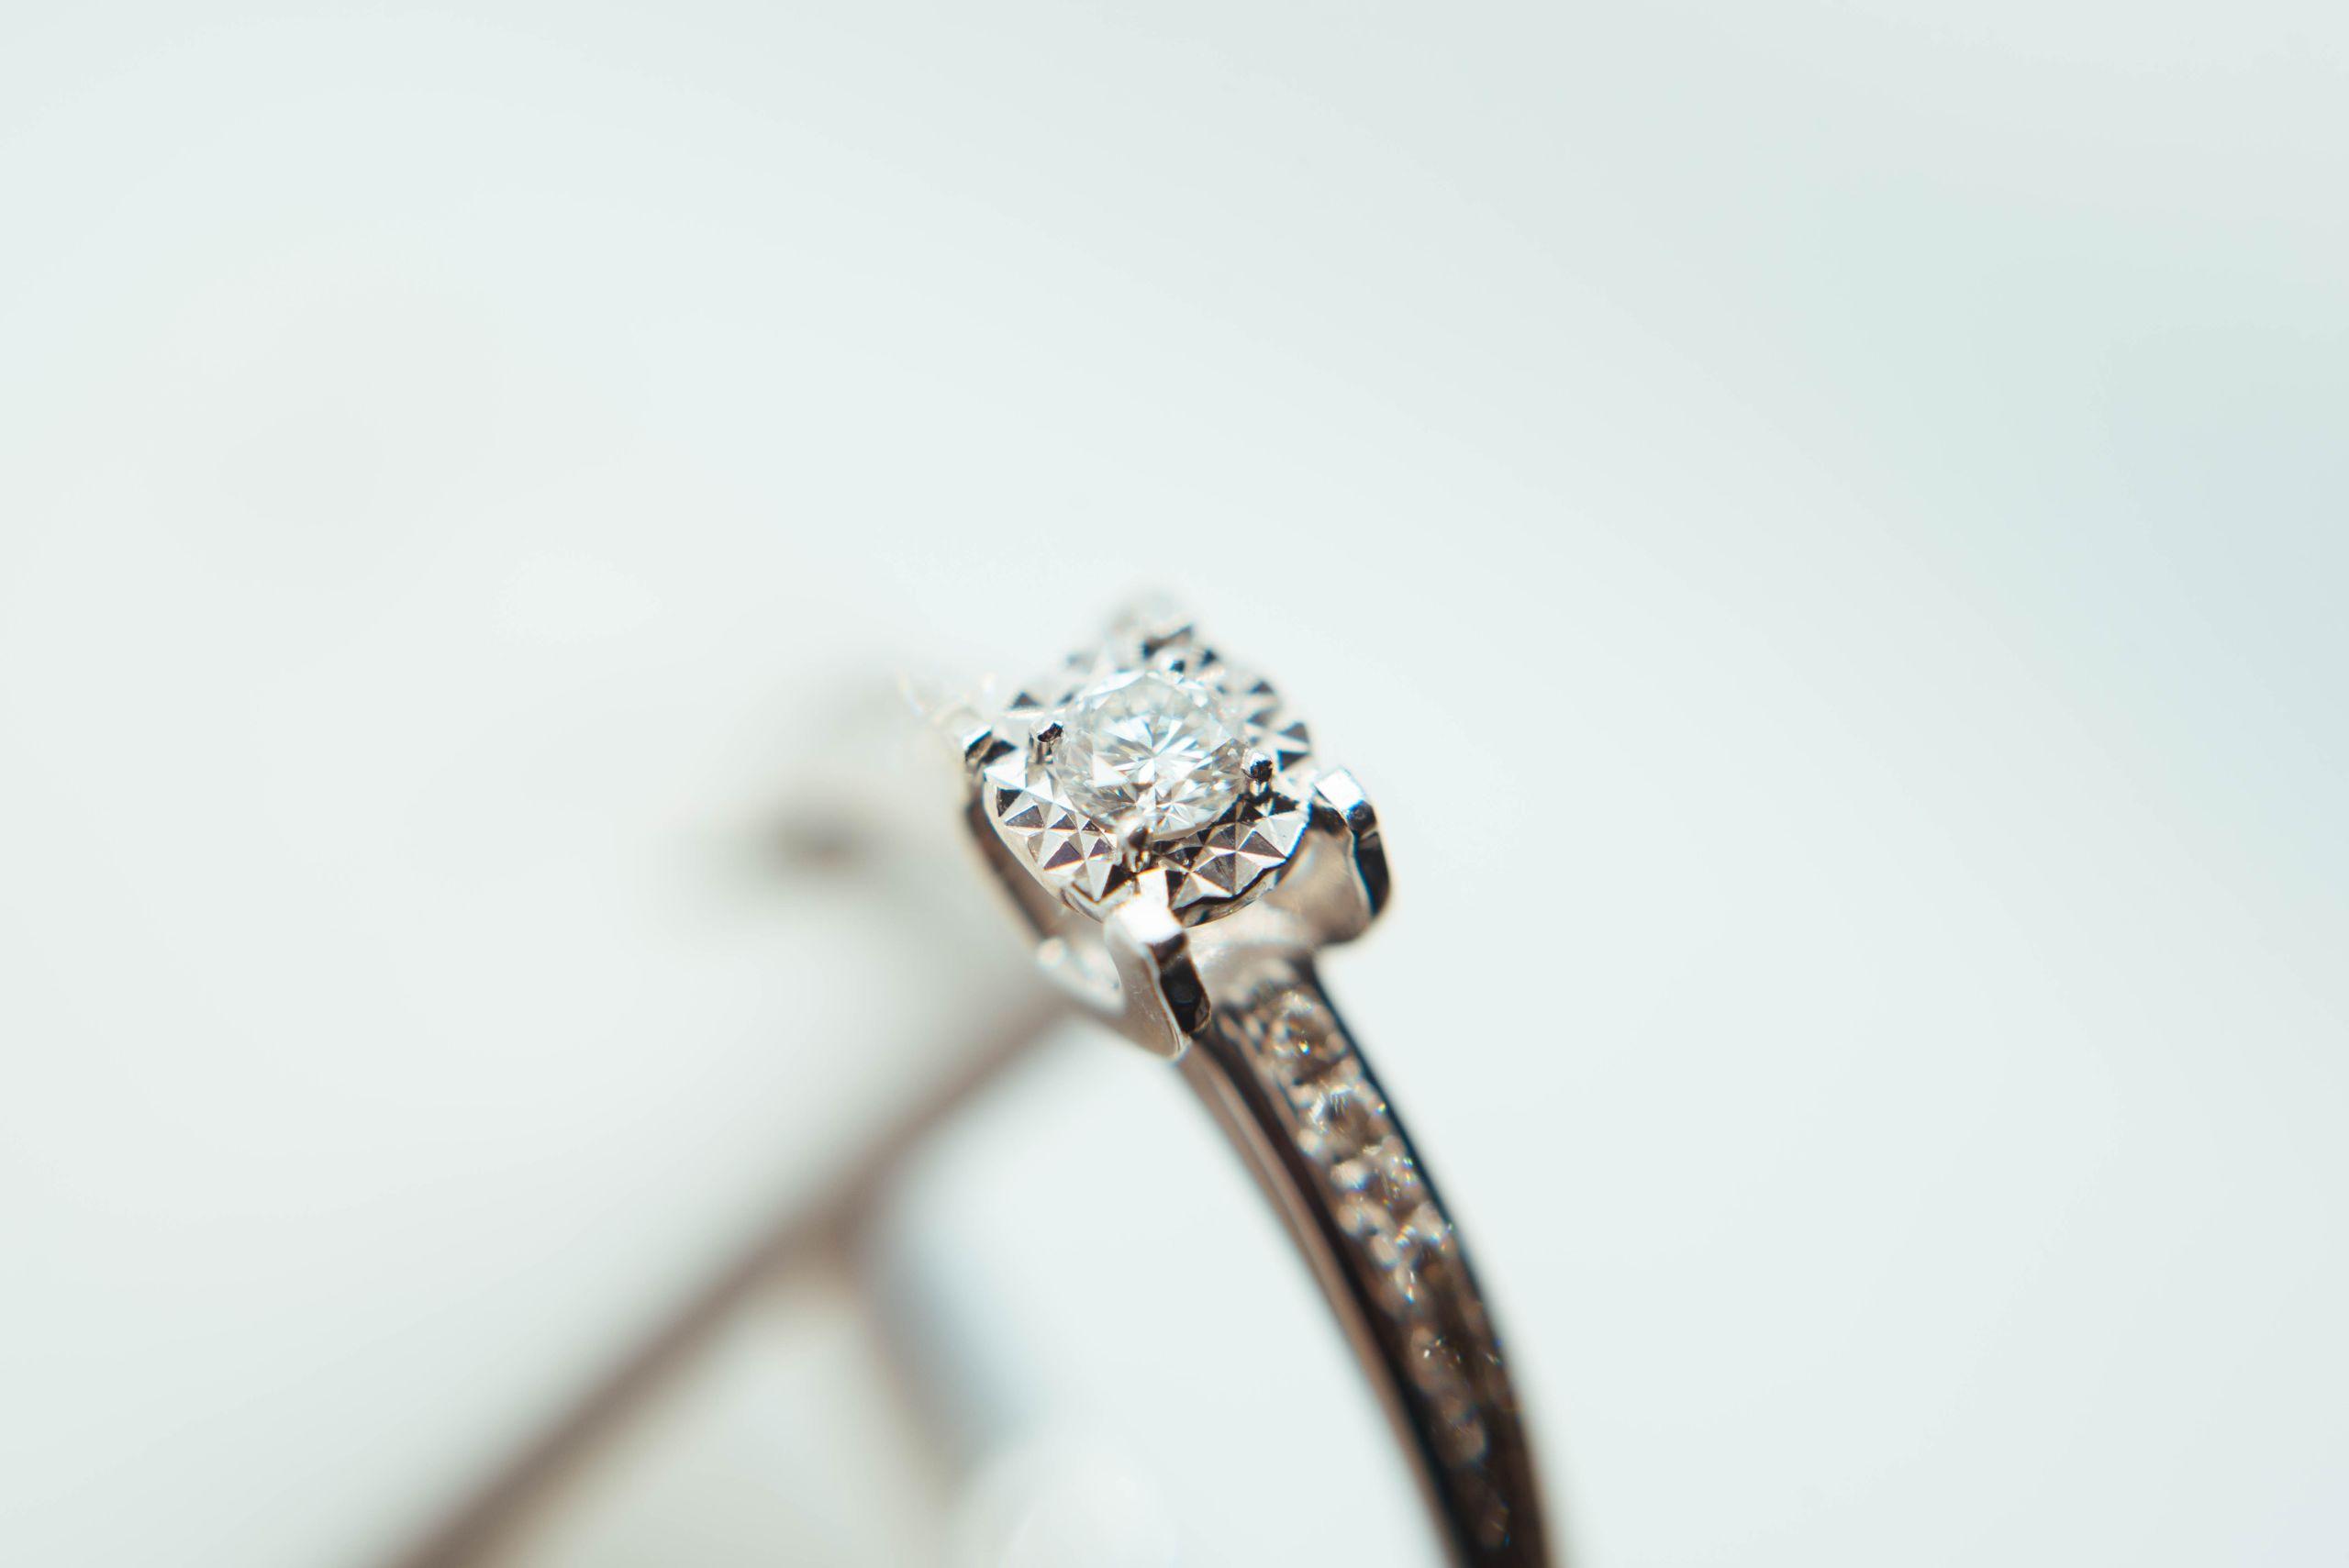 Søger du diamantskæring i København og omegn? Læs med her